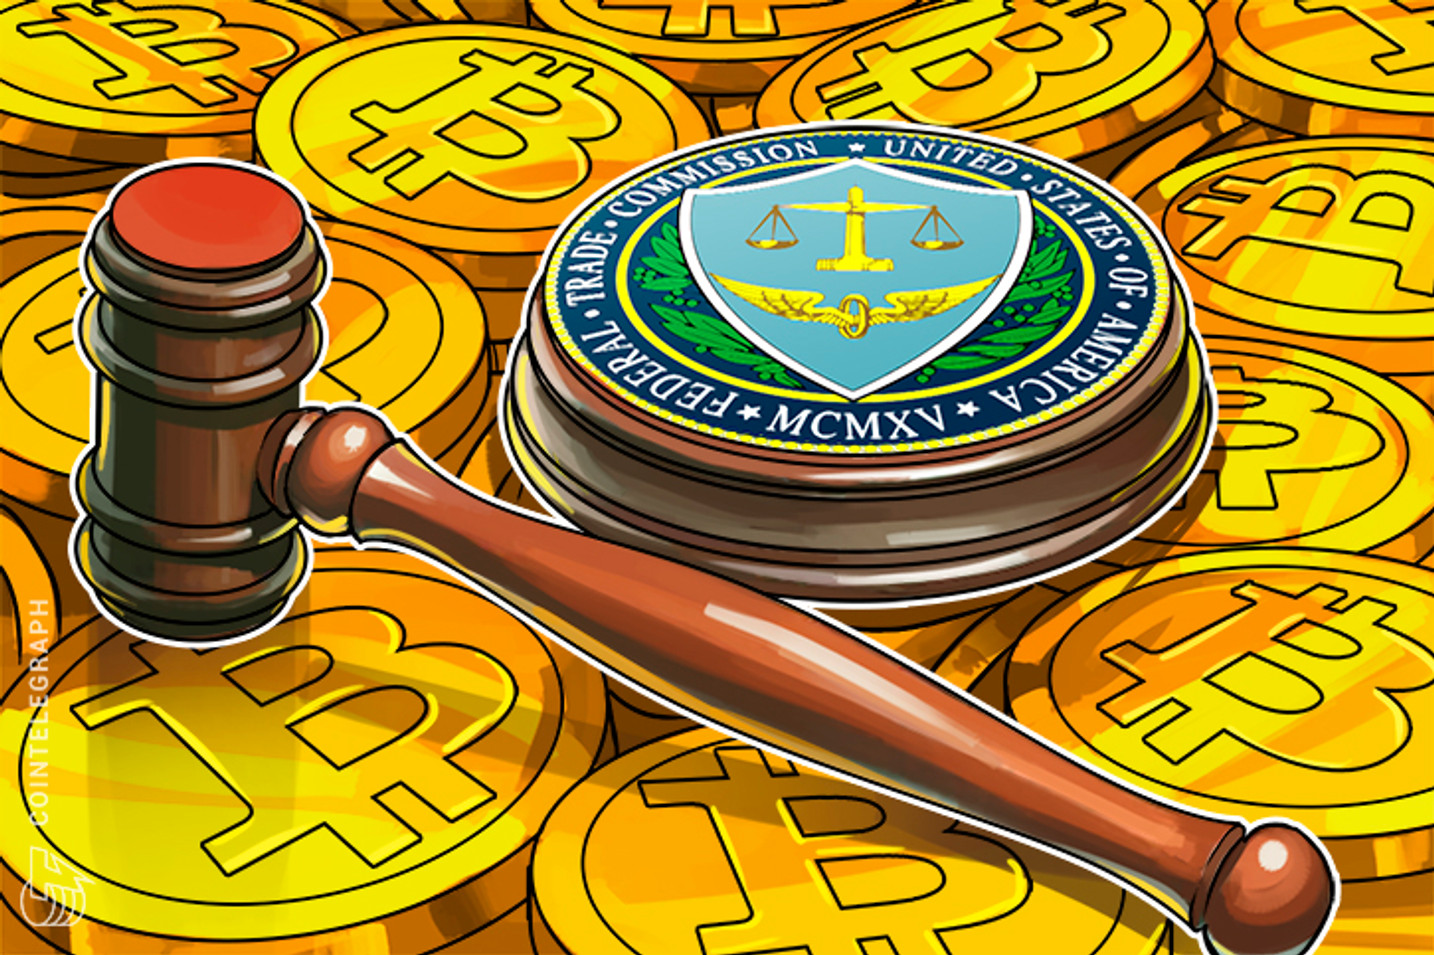 Comisión Federal de Comercio Estadounidense crea grupo de trabajo Blockchain